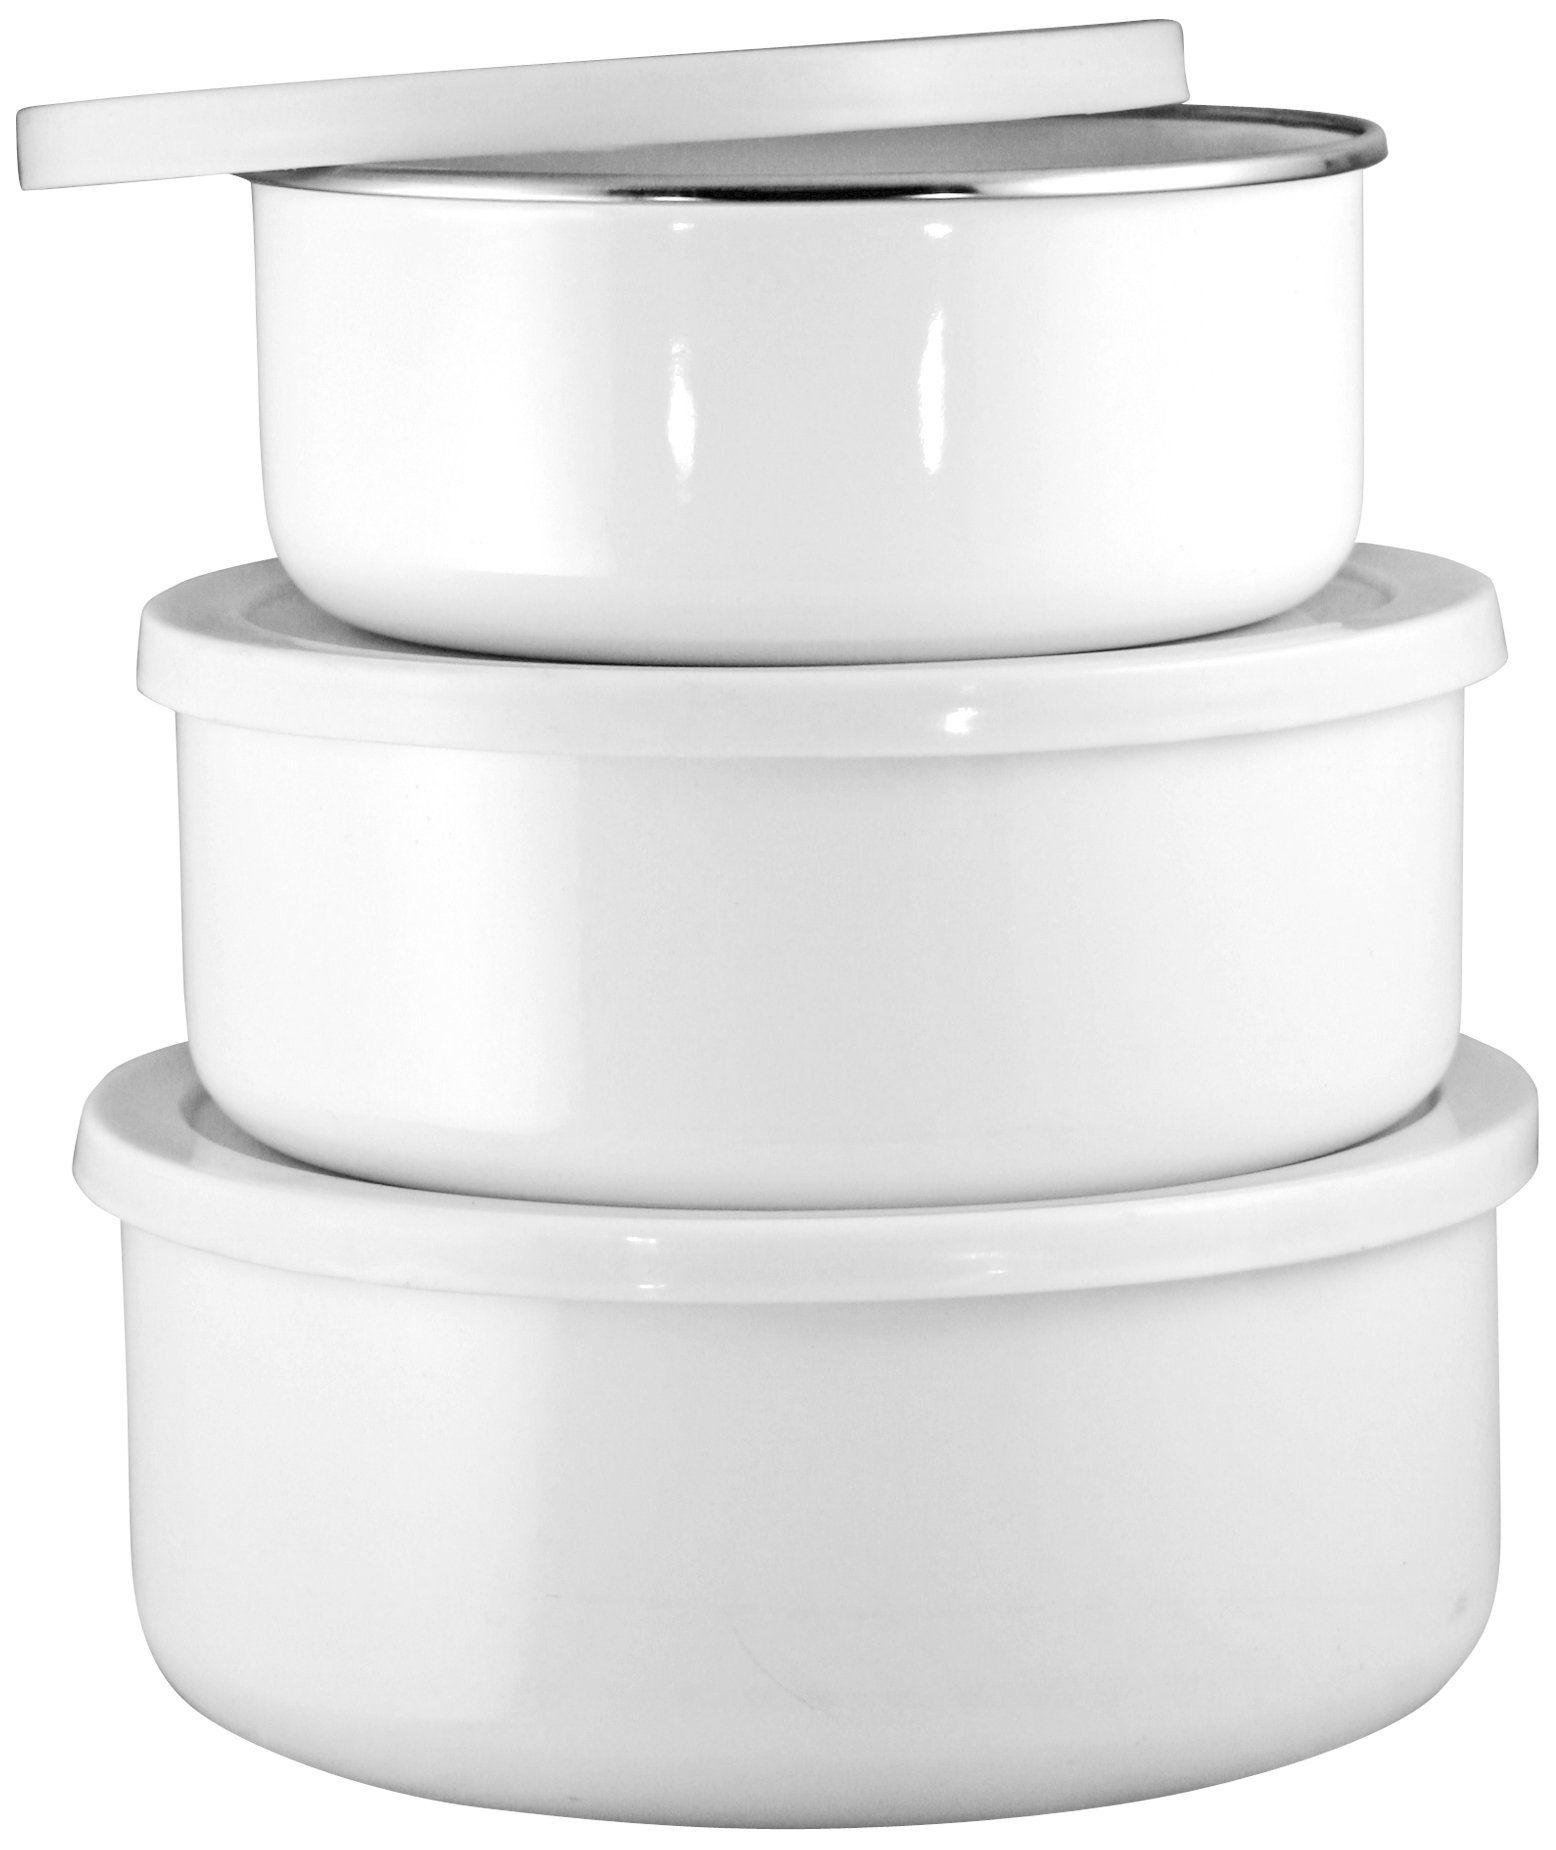 Amazon.com: Calypso Basics 6-Piece Bowl Set, Turquoise: Mixing Bowls: Kitchen & Dining